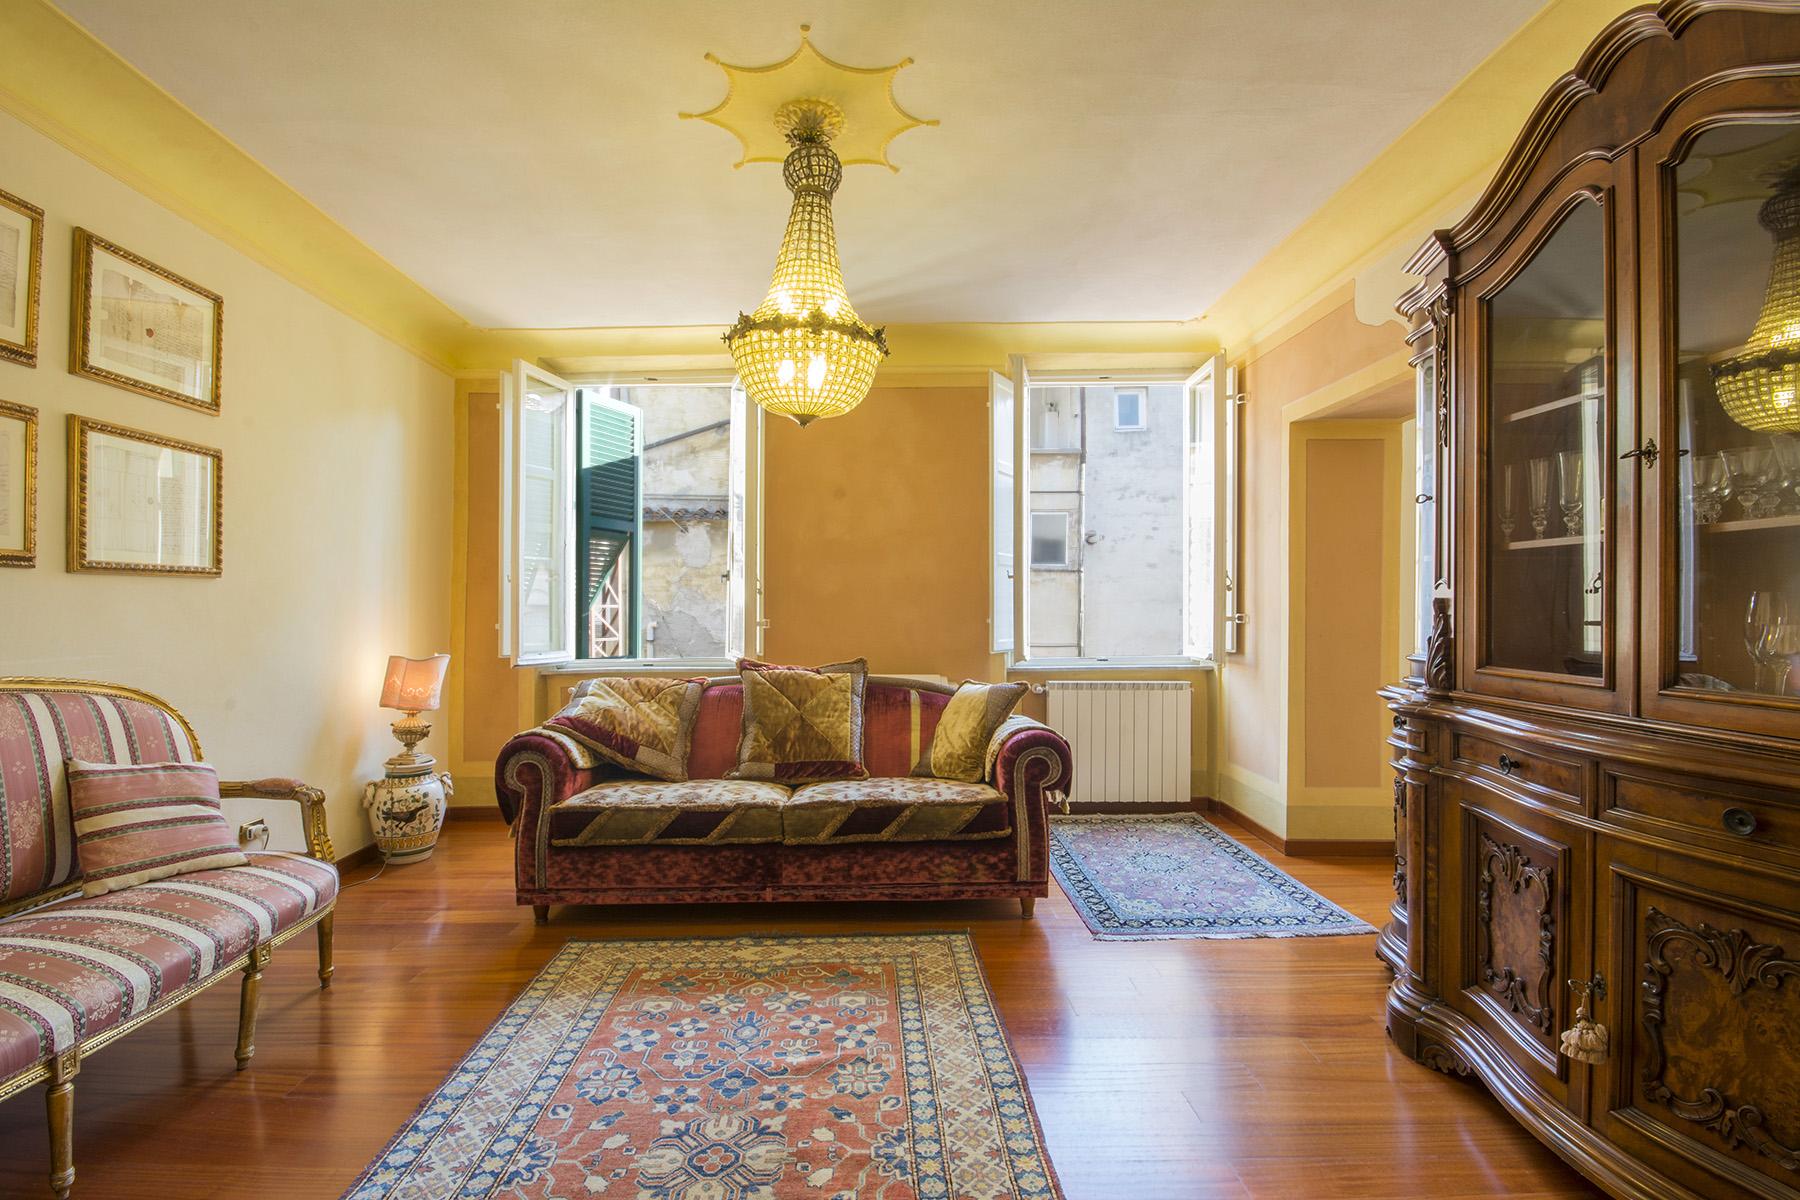 Appartamento in Vendita a Lucca: 5 locali, 115 mq - Foto 1